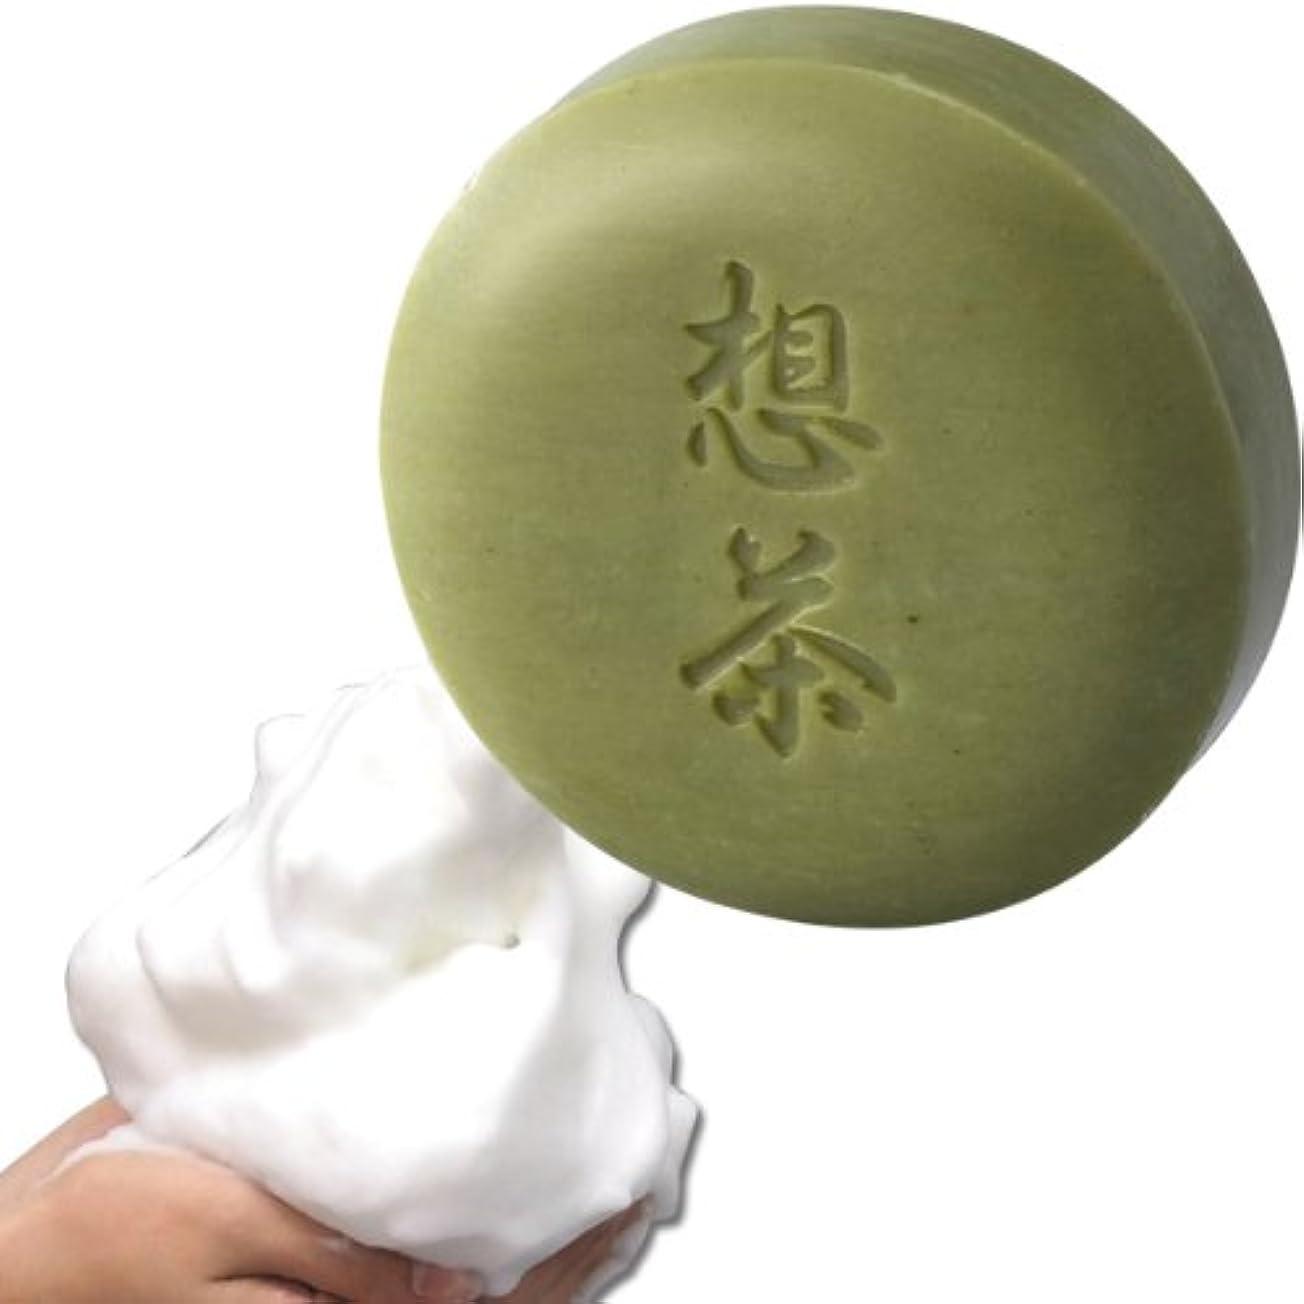 シャトル発揮する唇想茶石鹸 100g(お茶屋さんが作ったお茶石鹸)